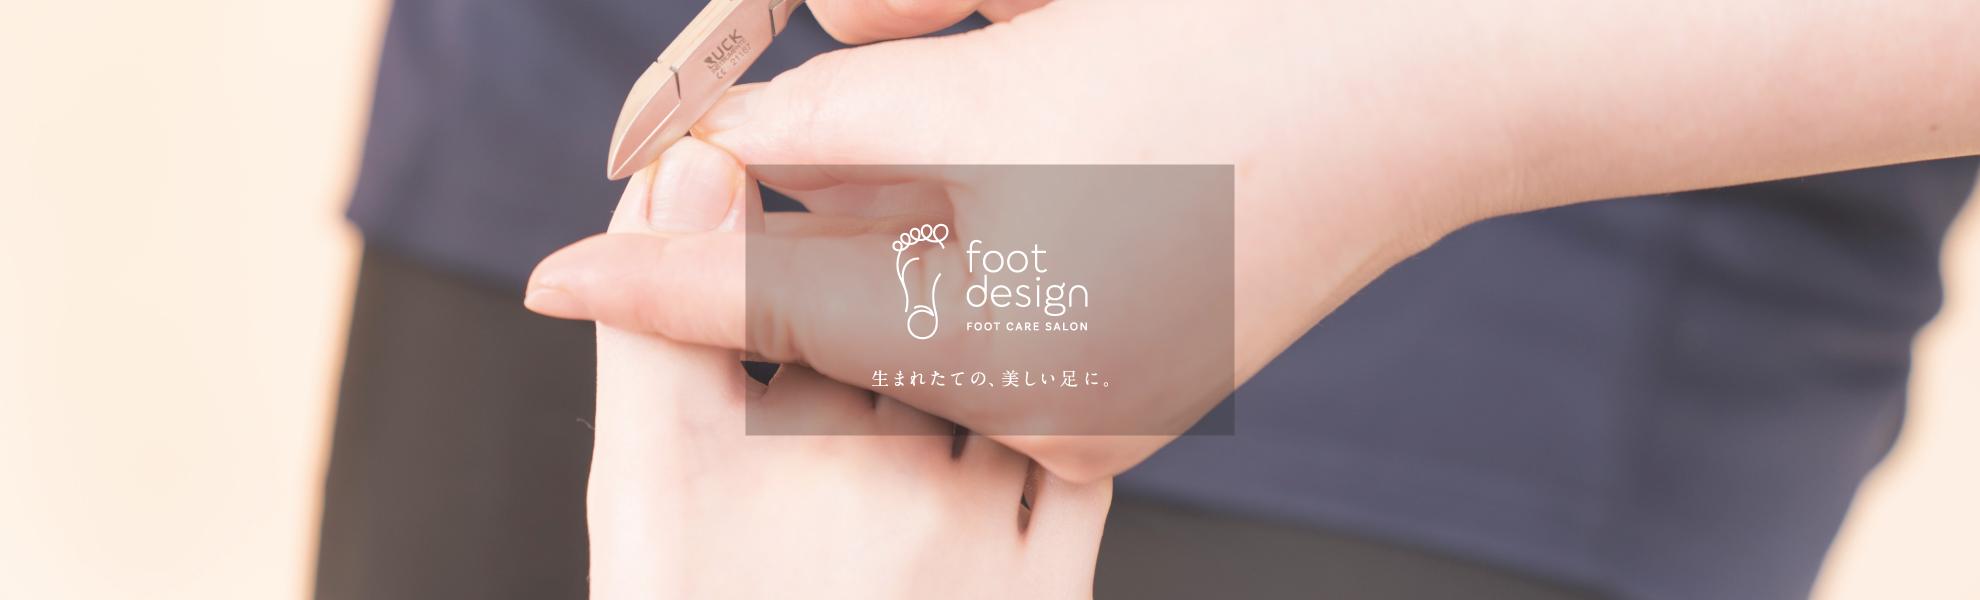 FOOT DESIGN フットデザイン イメージ3